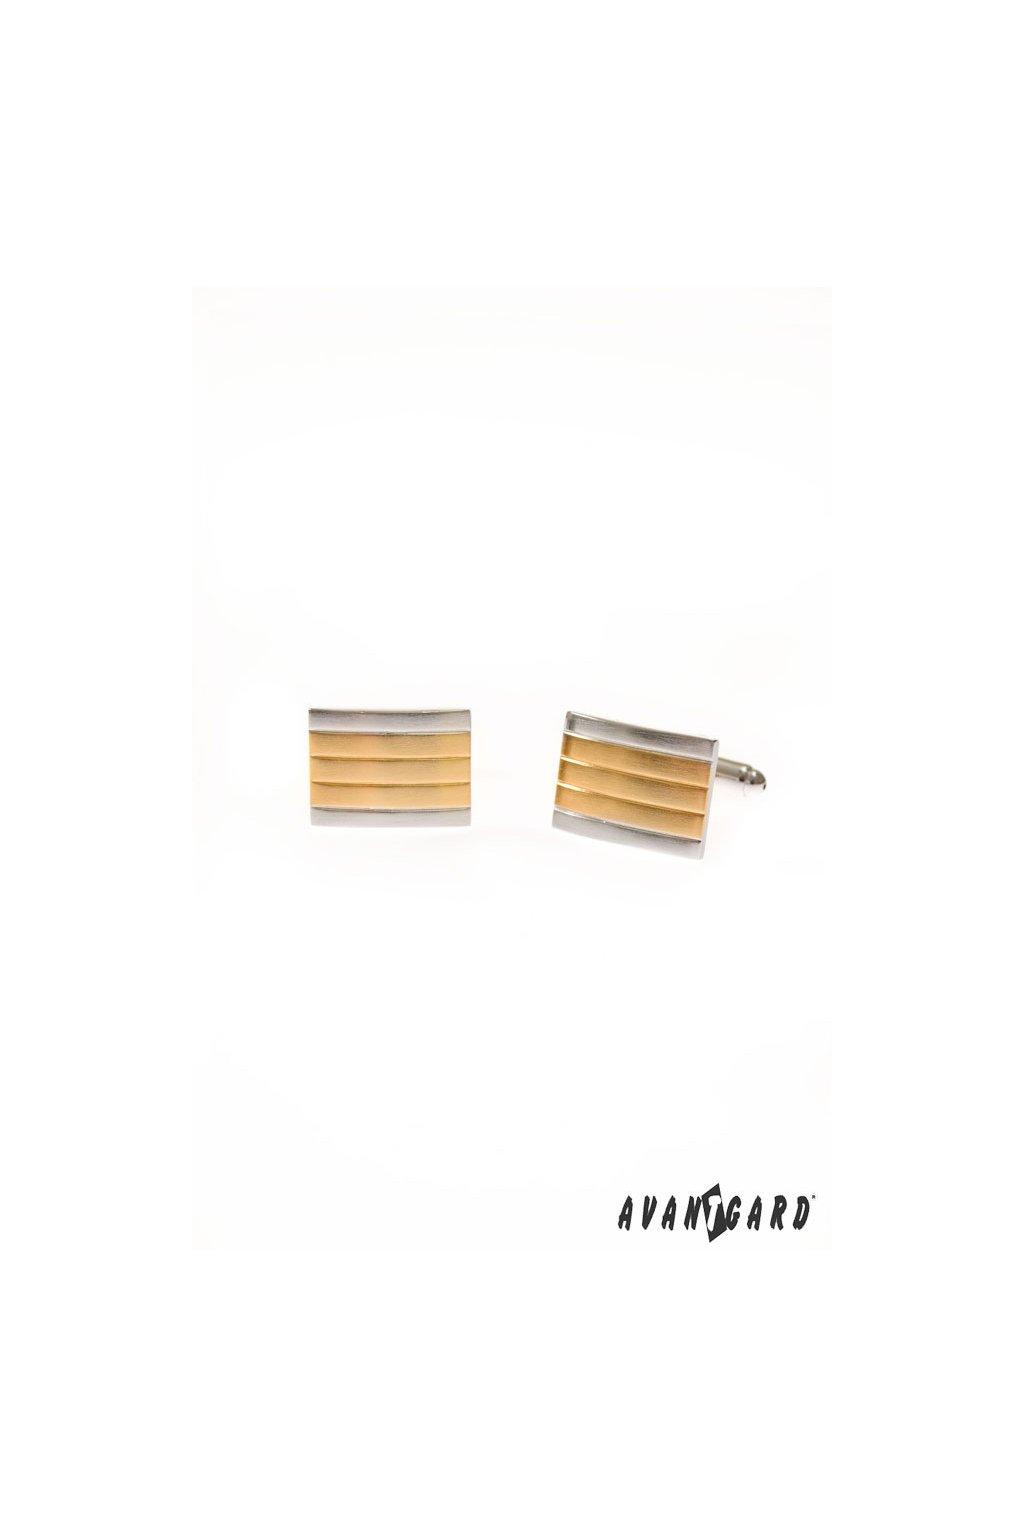 Obdelníkové pruhované zlato-stříbrné manžetové knoflíčky